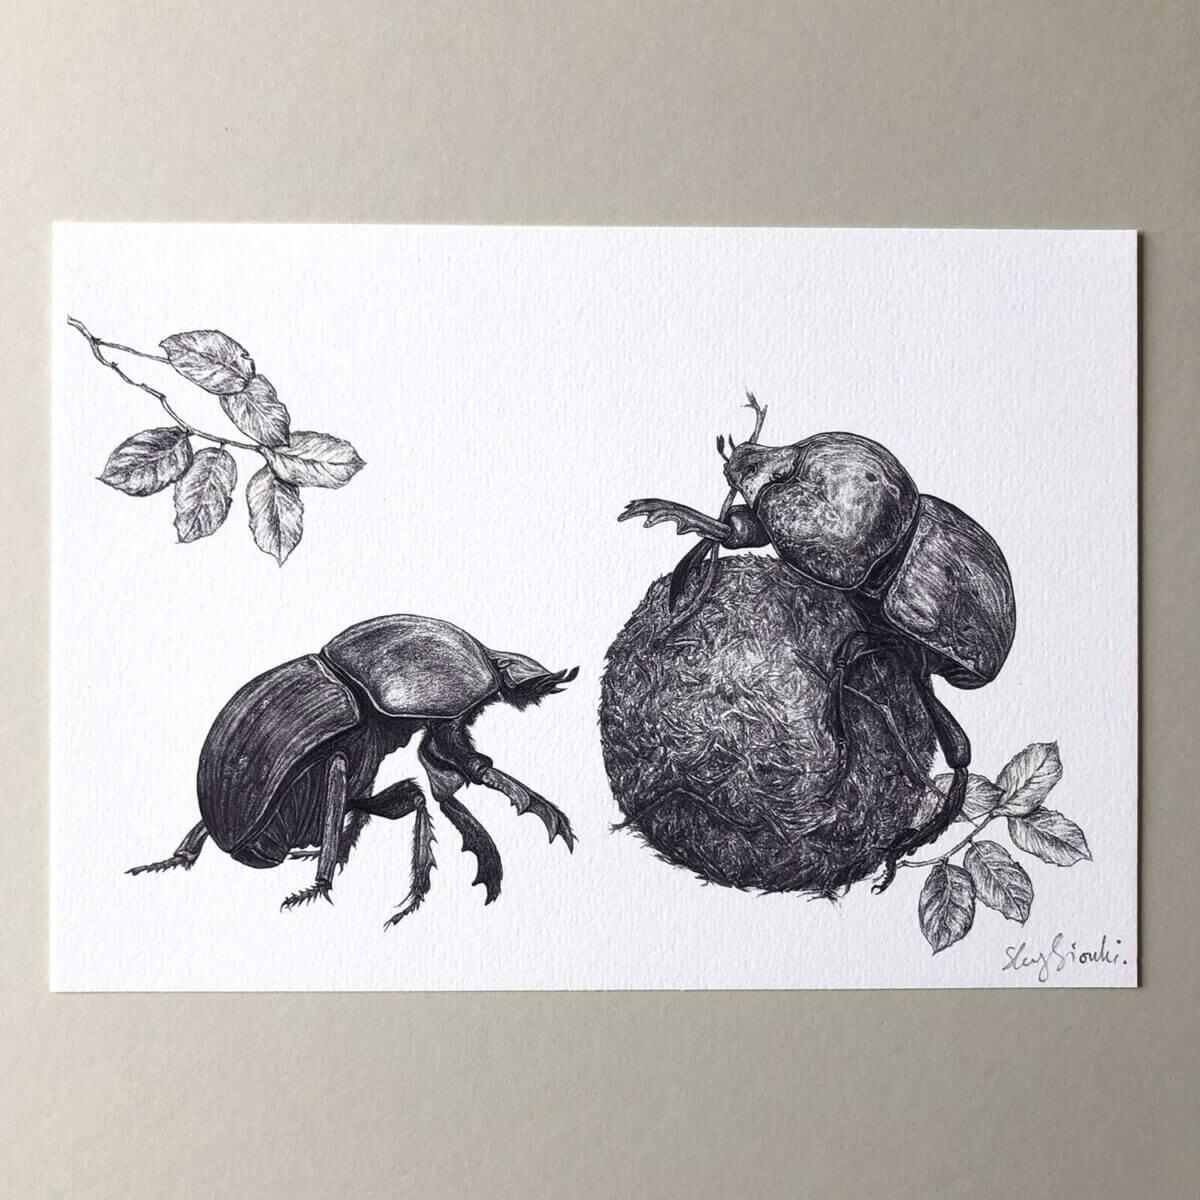 Dung-Beetles-Print-Flat-Sky-Siouki